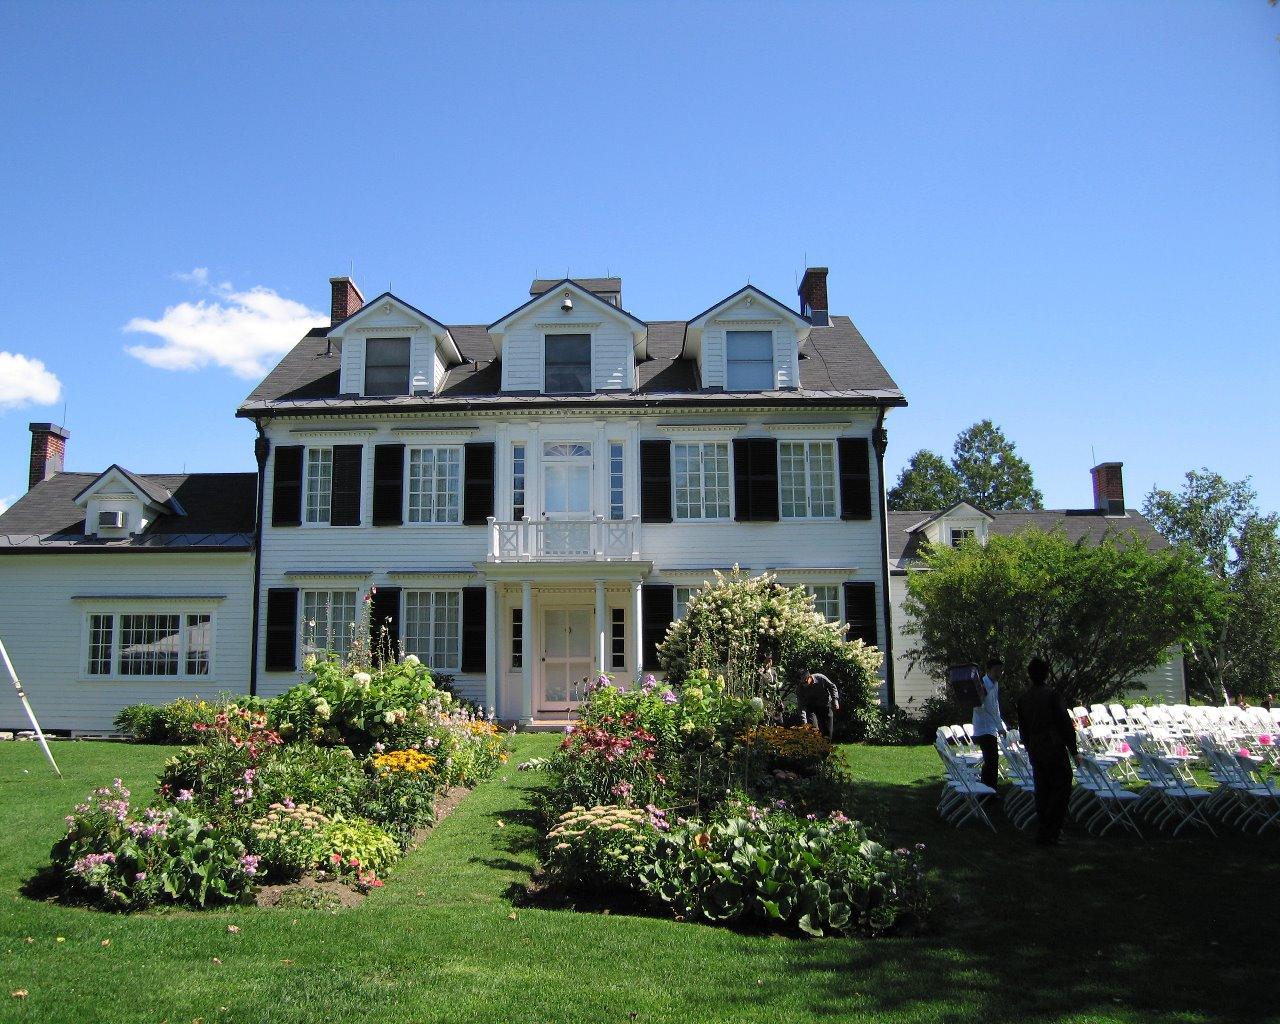 The Billings Estate Museum